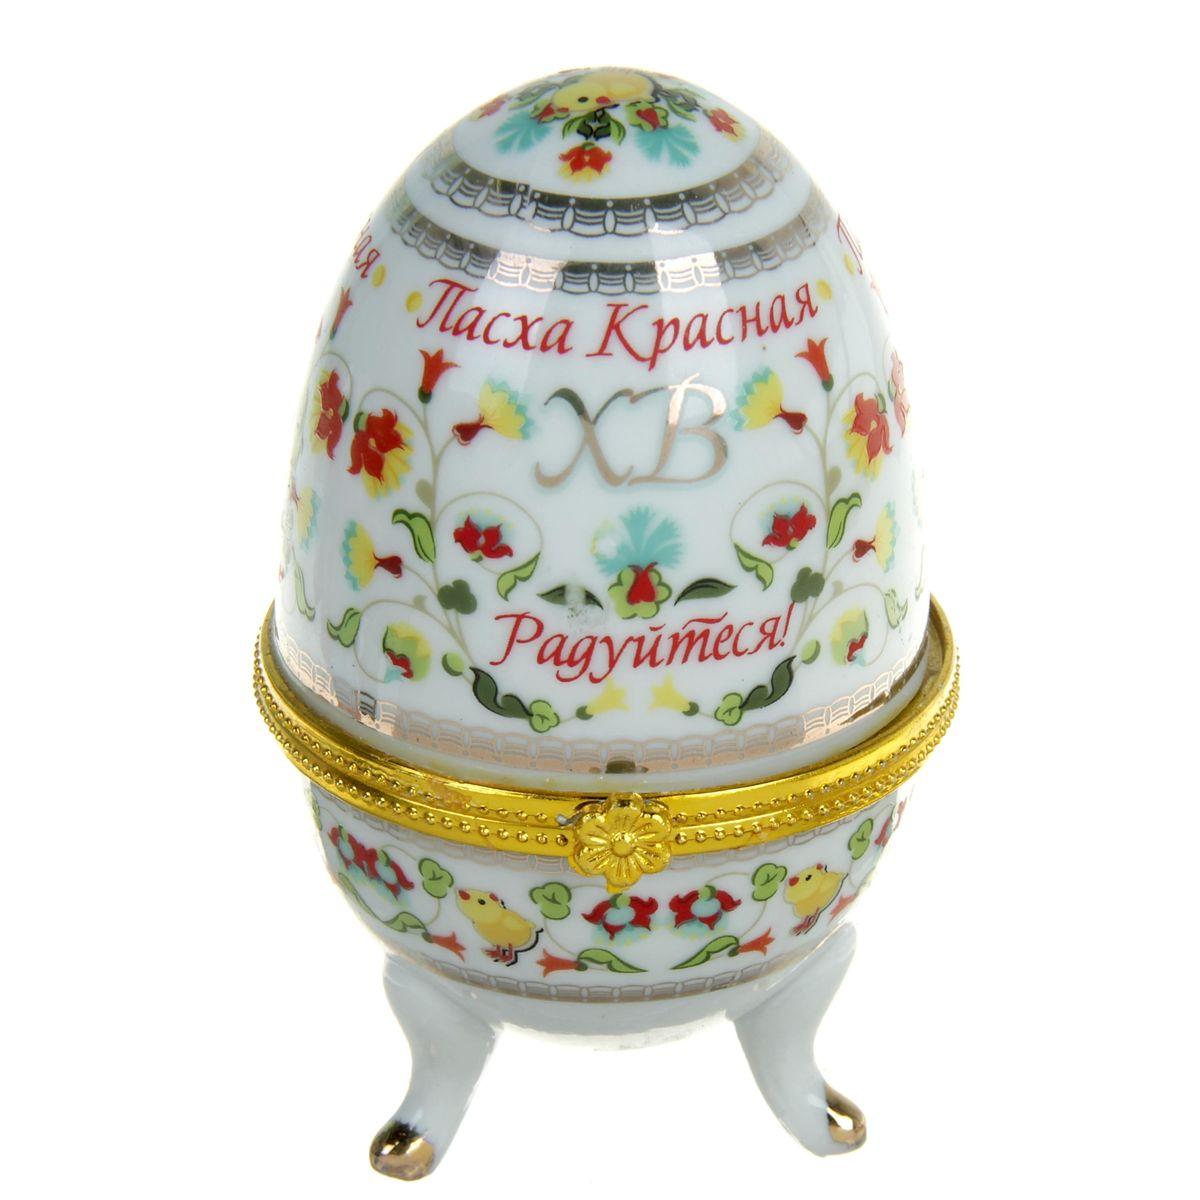 Яйцо-шкатулка Sima-land Цветочный, высота 10 см890105Яйцо-шкатулка Sima-land Цветочный представляет собой изделие, изготовленное из белоснежной прочной керамики и оформленное красочным цветочным изображением. Изделие располагается на изящных ножках. Яйцо-шкатулка Sima-land Цветочный порадует своим великолепием и функциональными особенностями. Это не только символичный, но и очень полезный подарок на светлый праздник Пасхи. Диаметр яйца-шкатулки: 6 см. Высота яйца-шкатулки: 10 см.